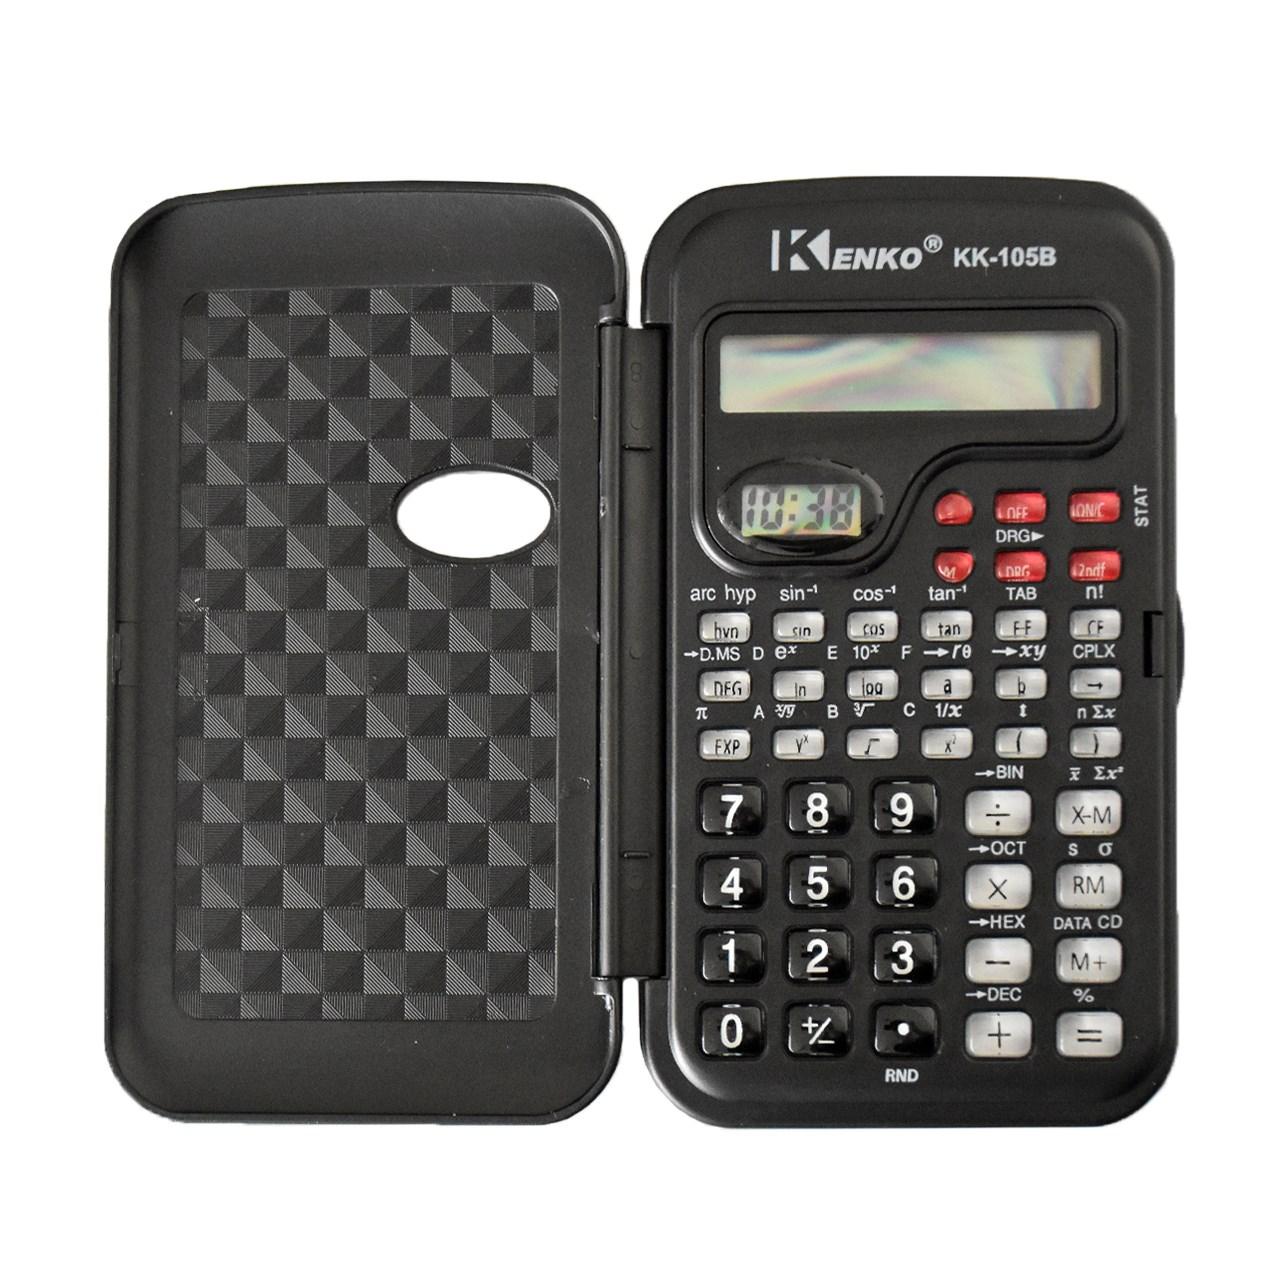 ماشین حساب مهندسی کنکو مدل KK-105B